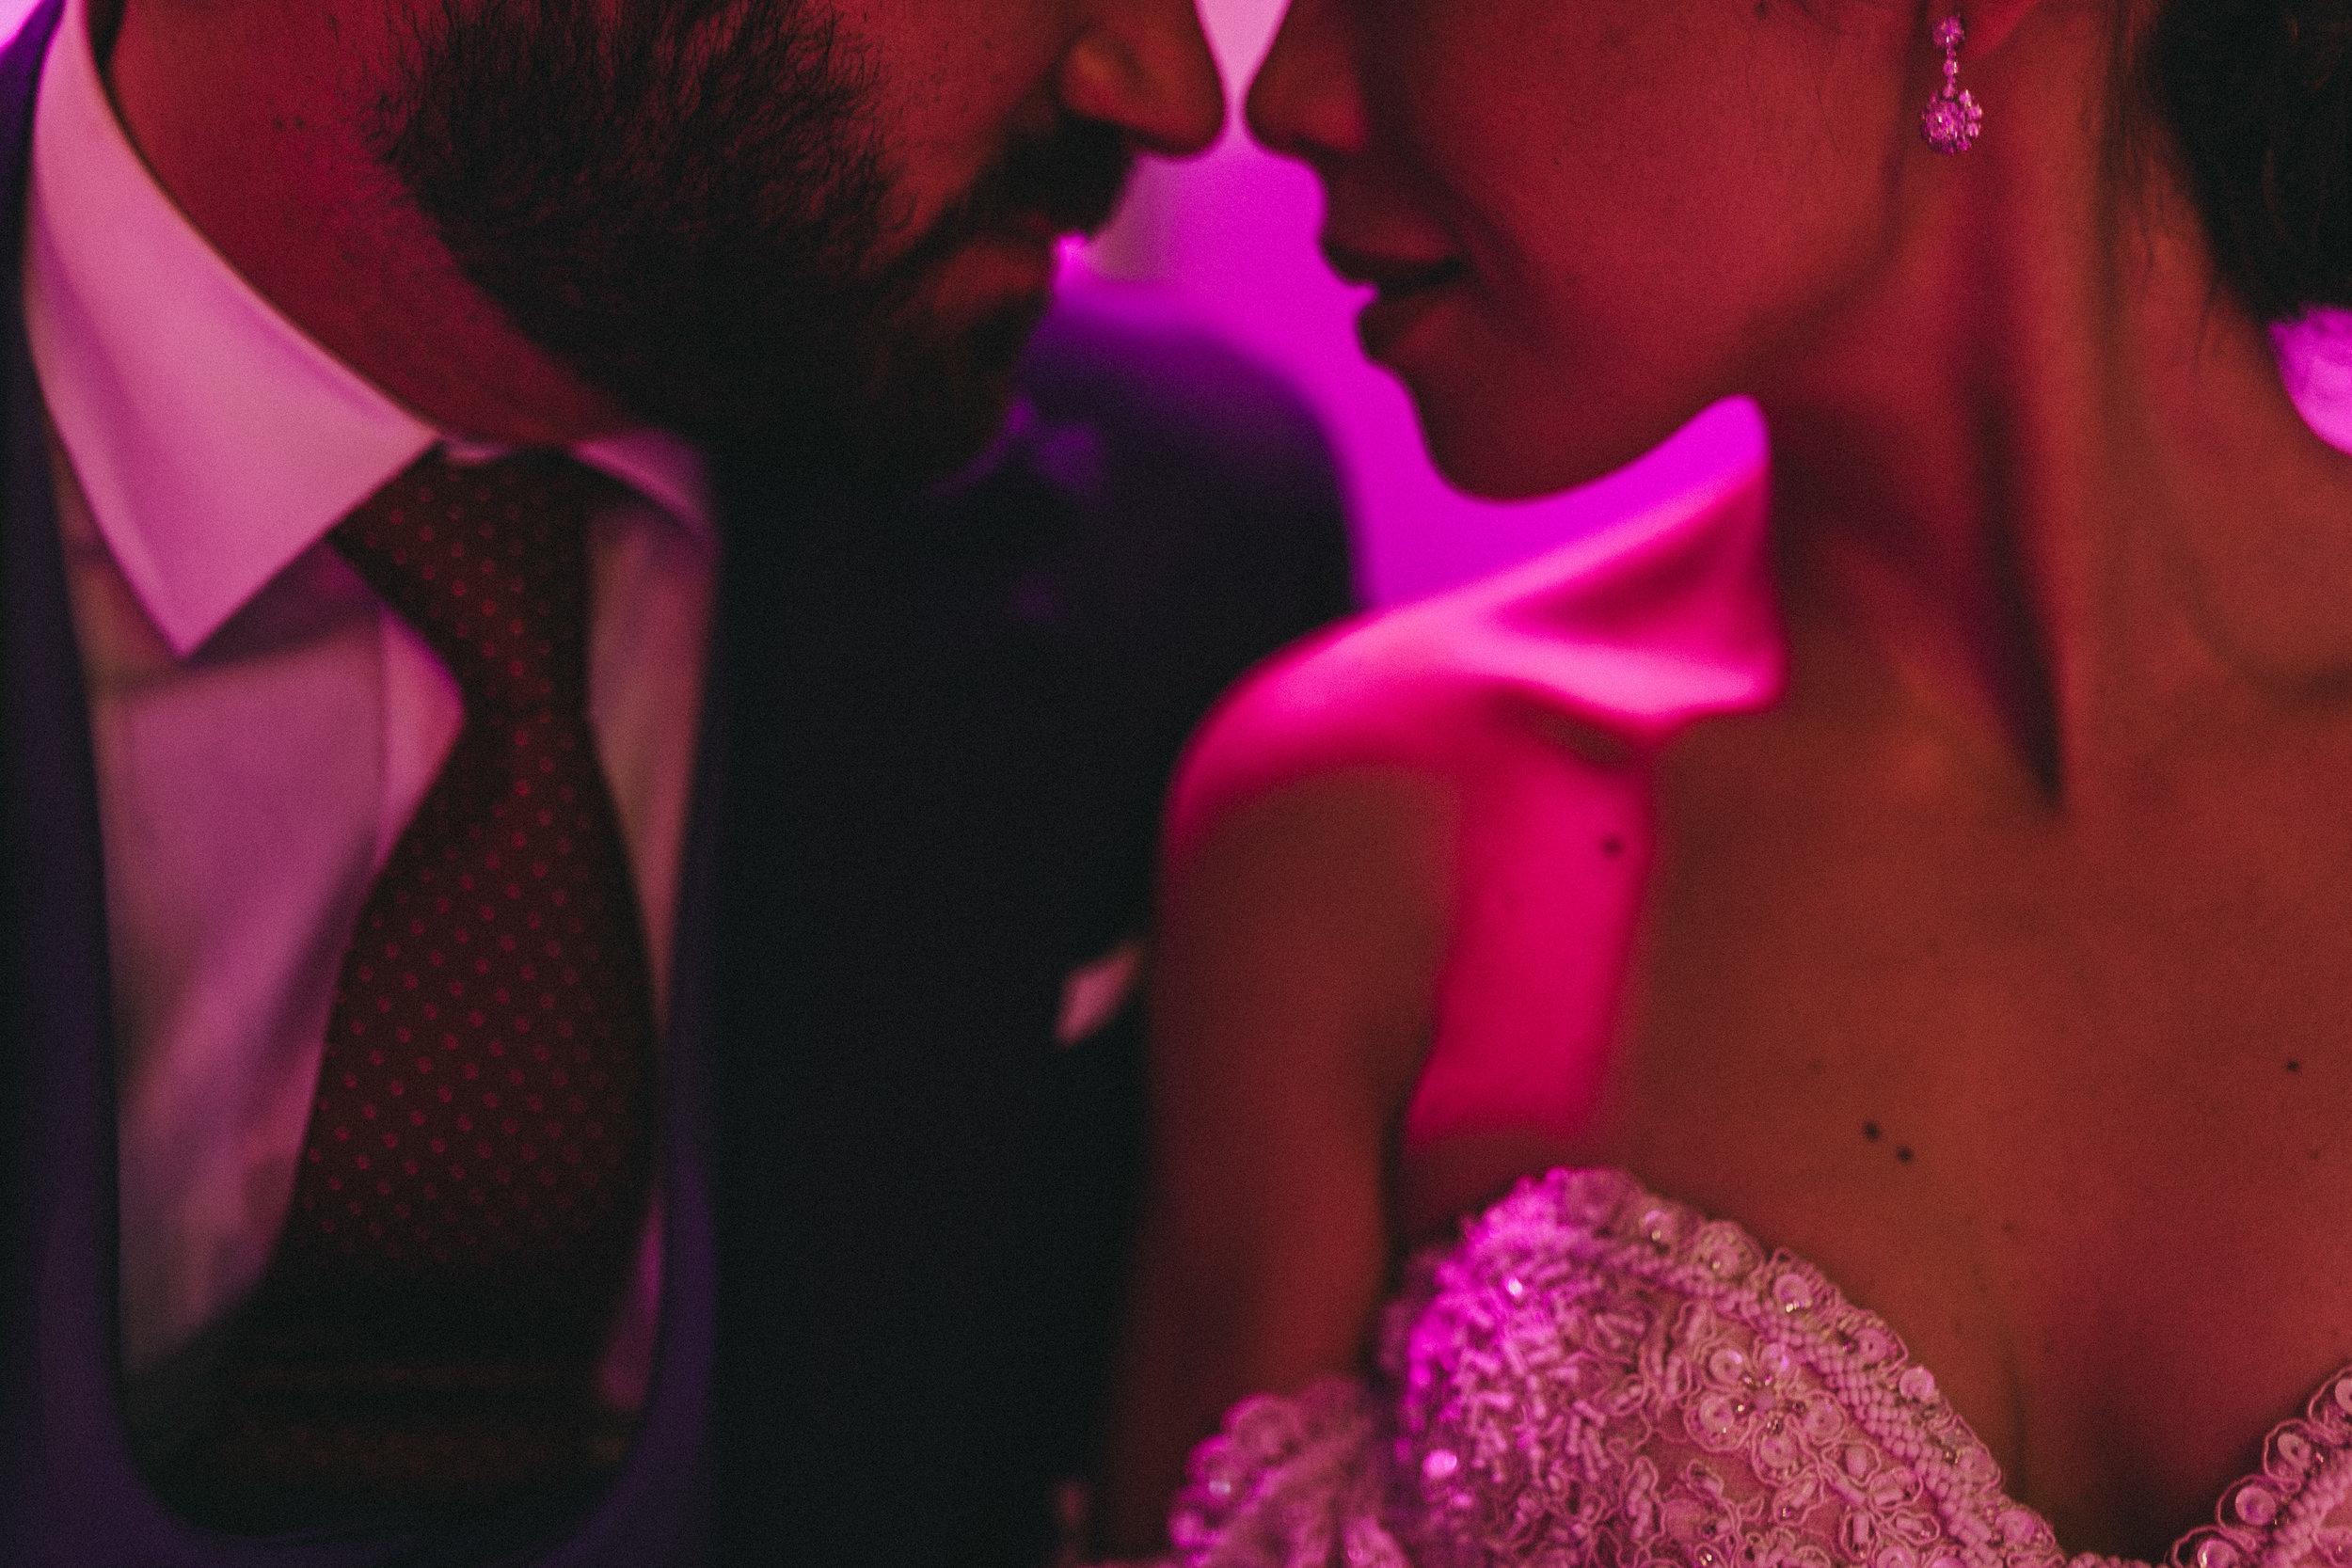 Fotografo de bodas españa serafin castillo wedding photographer spain 985.jpg